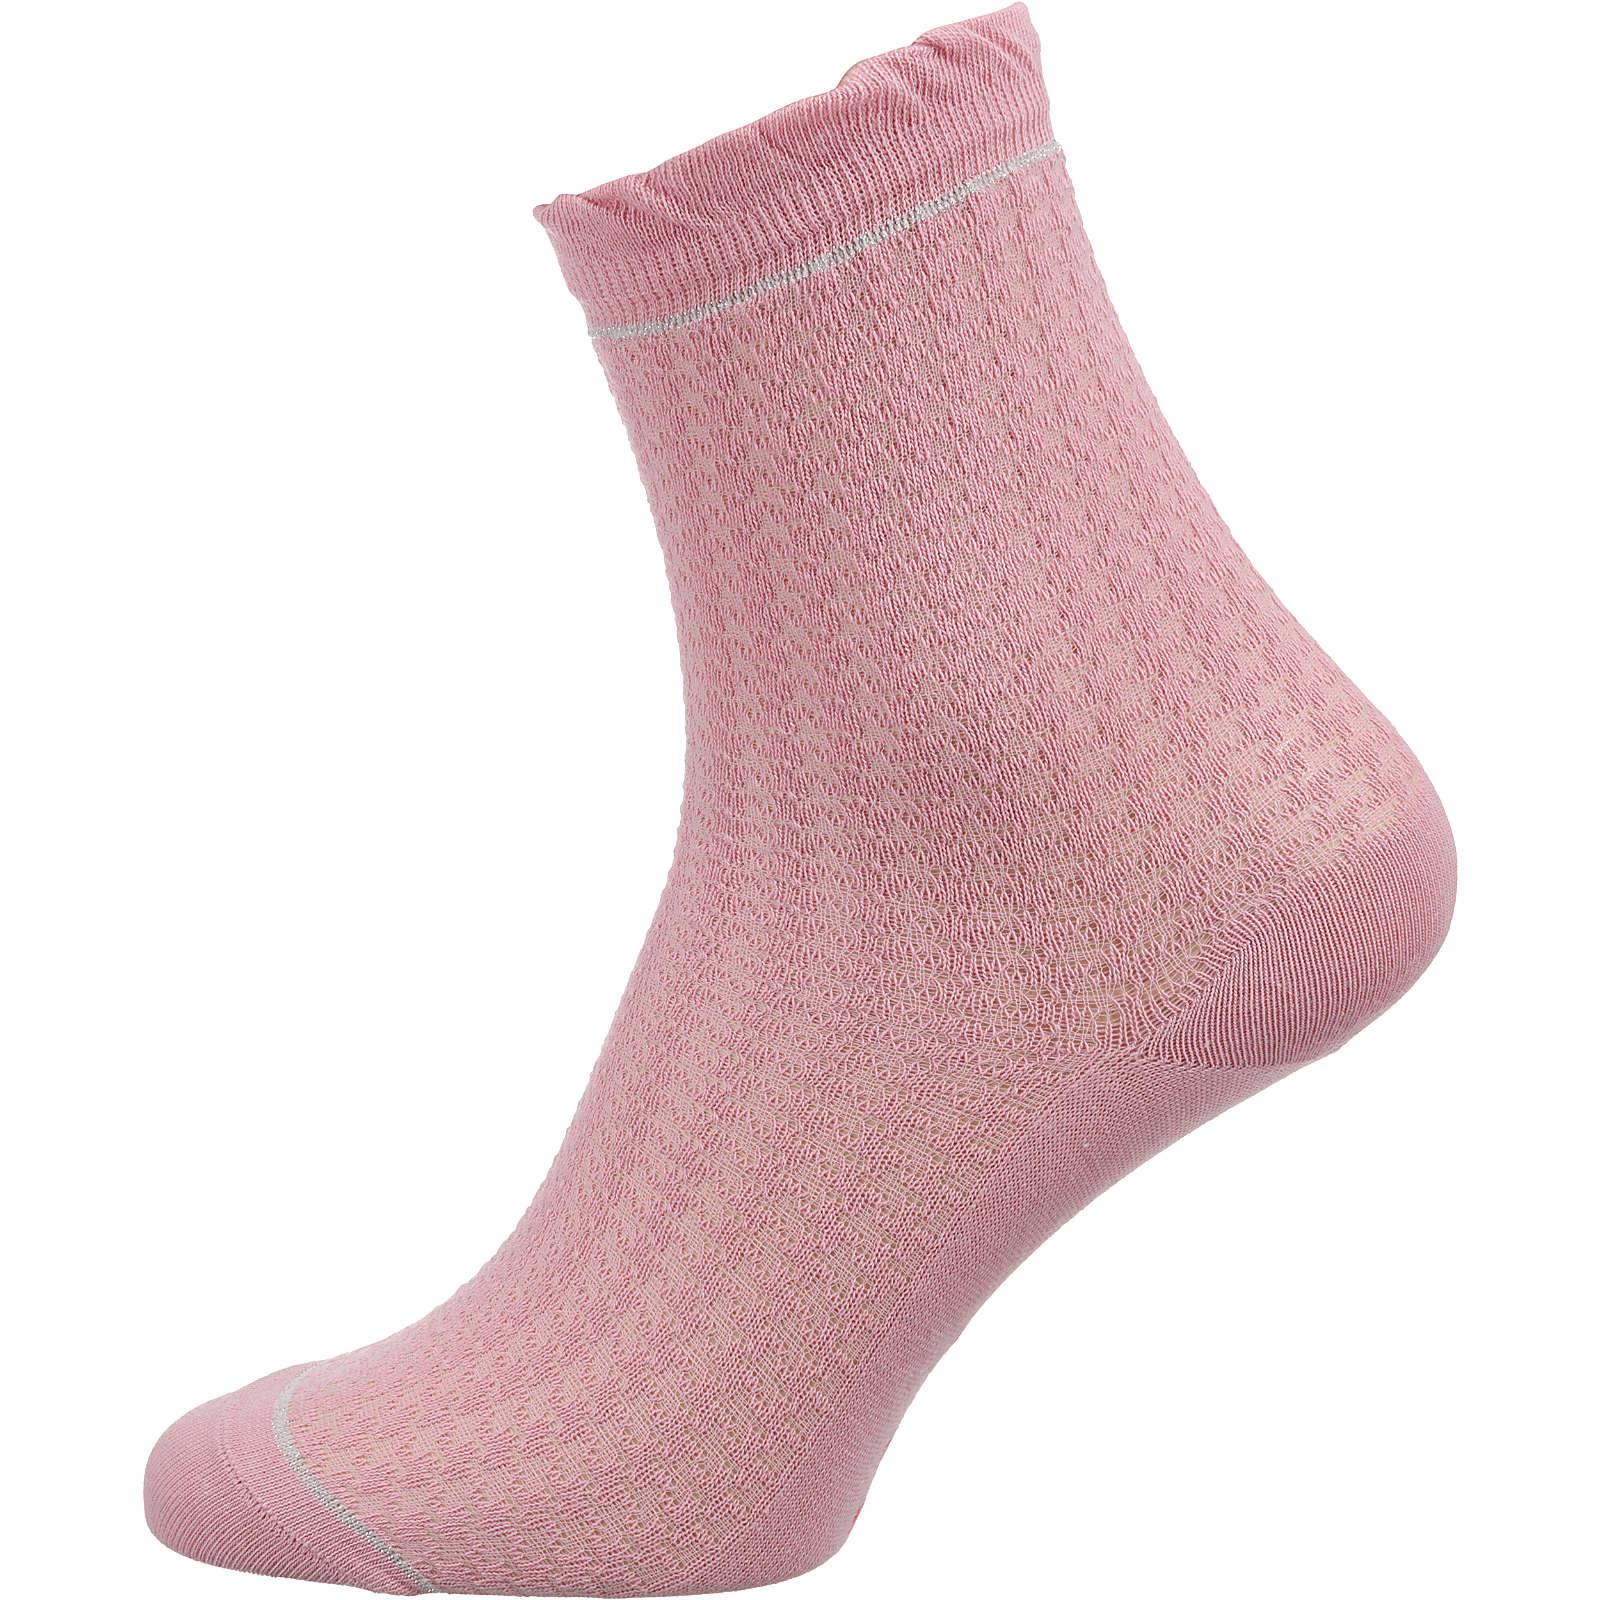 ESPRIT ein Paar Socken rosa Damen Gr. 35-38